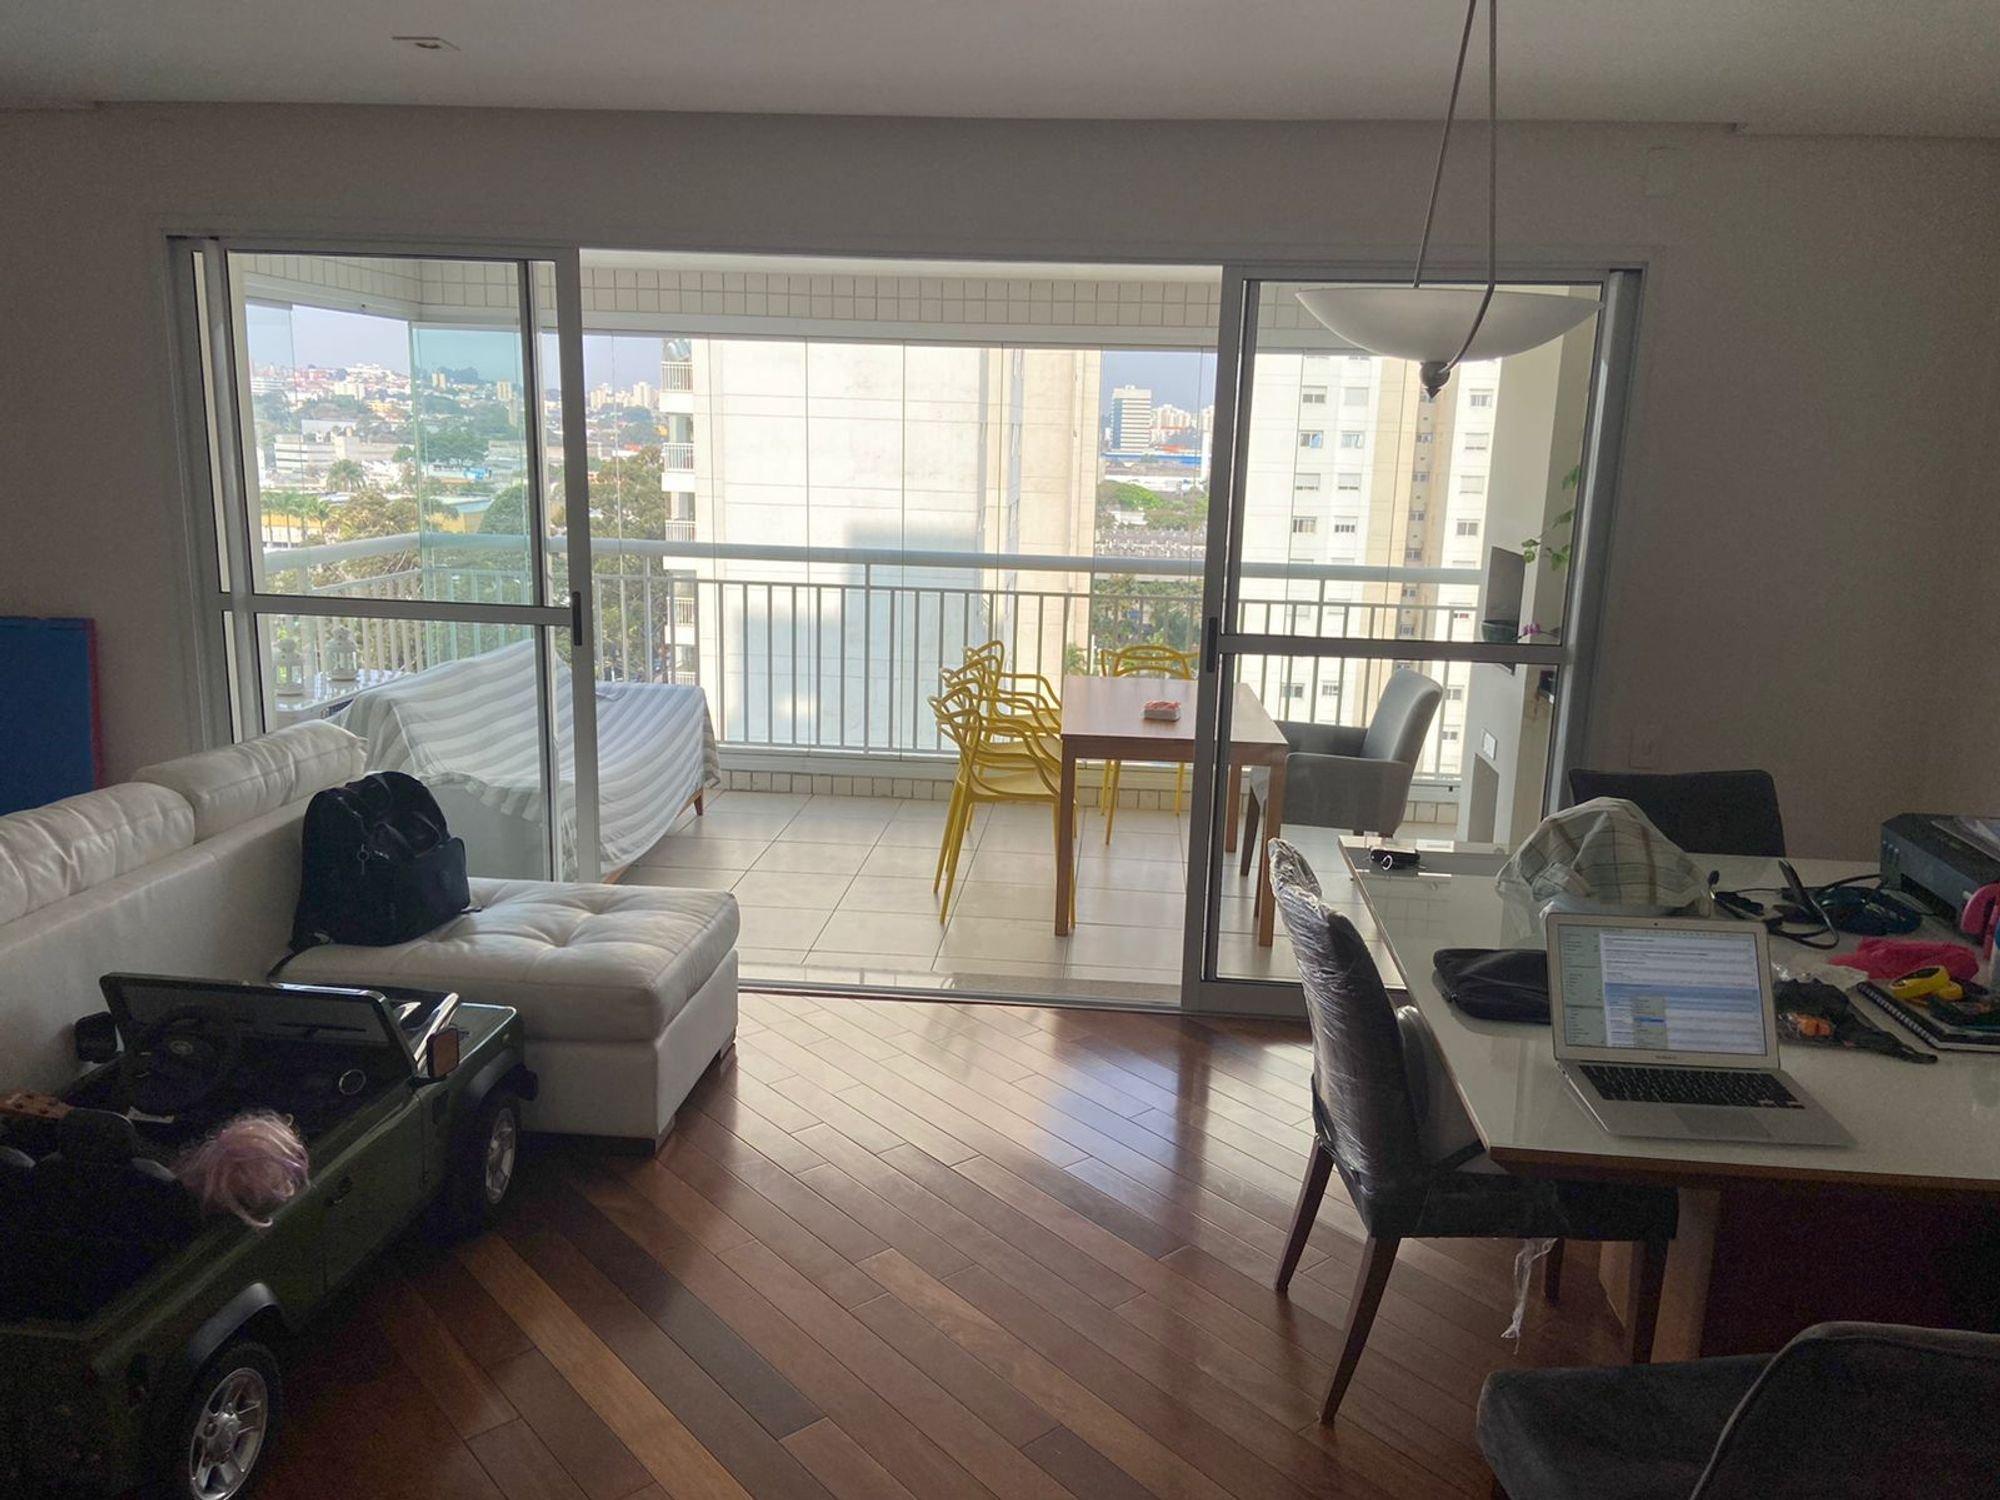 Foto de Sala com sofá, computador portátil, cadeira, mesa de jantar